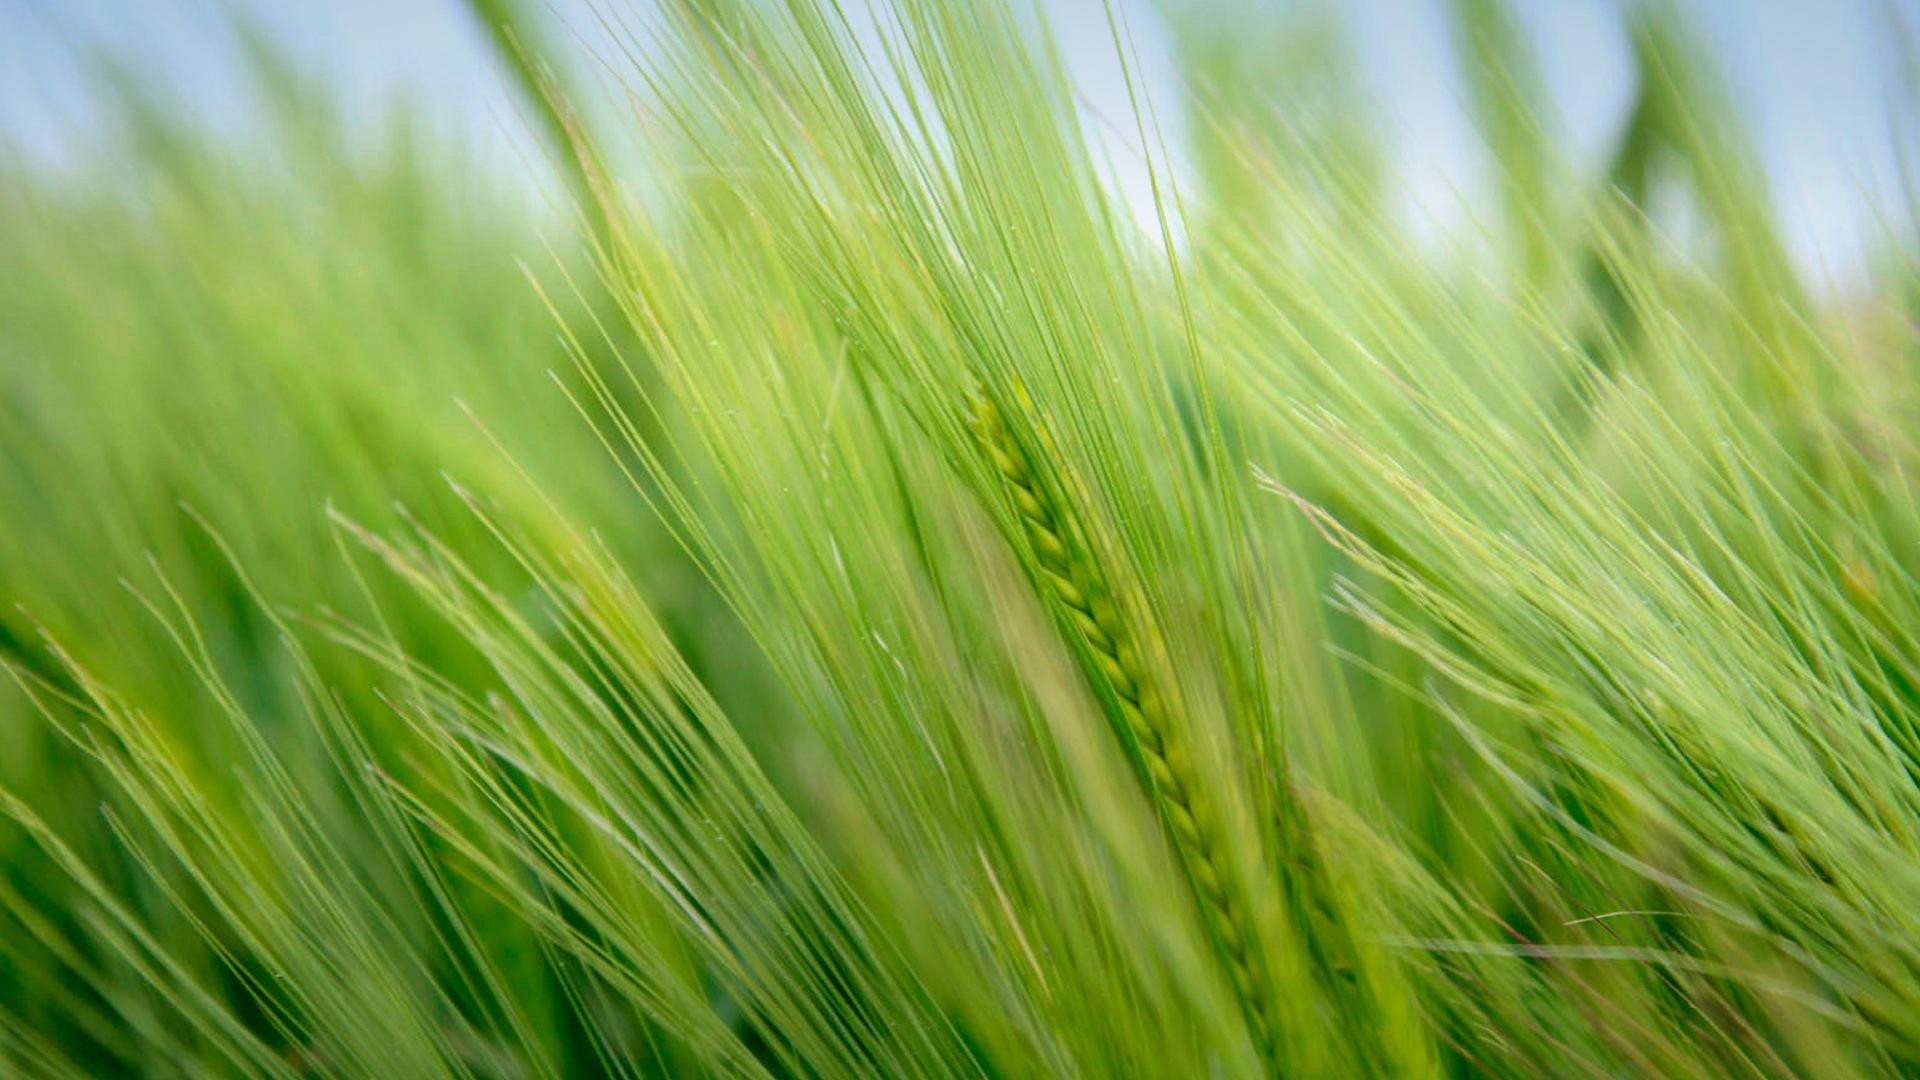 Wheat Hero